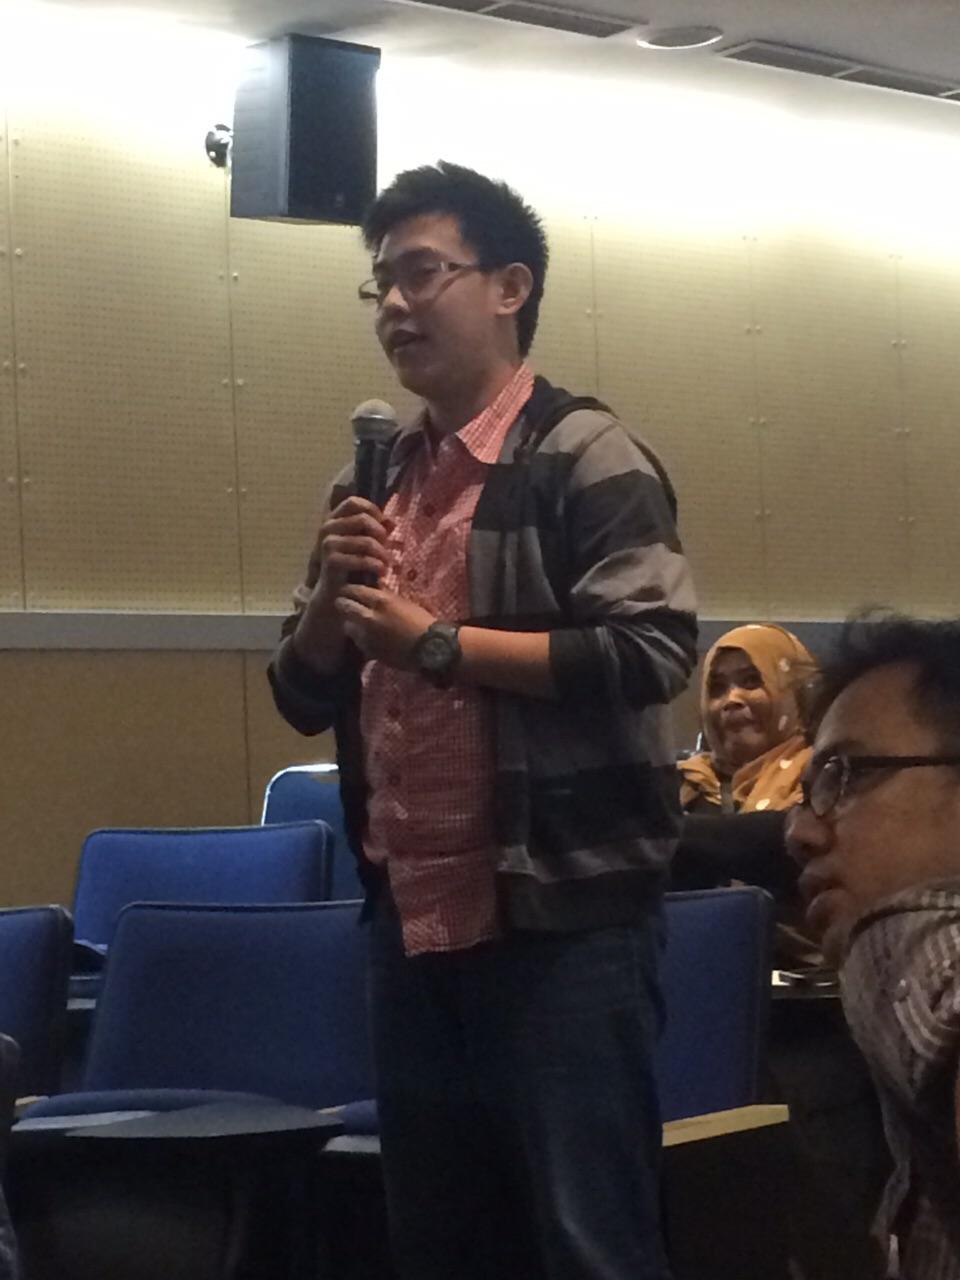 Mahasiswa HI Binus sedang memberikan pertanyaan